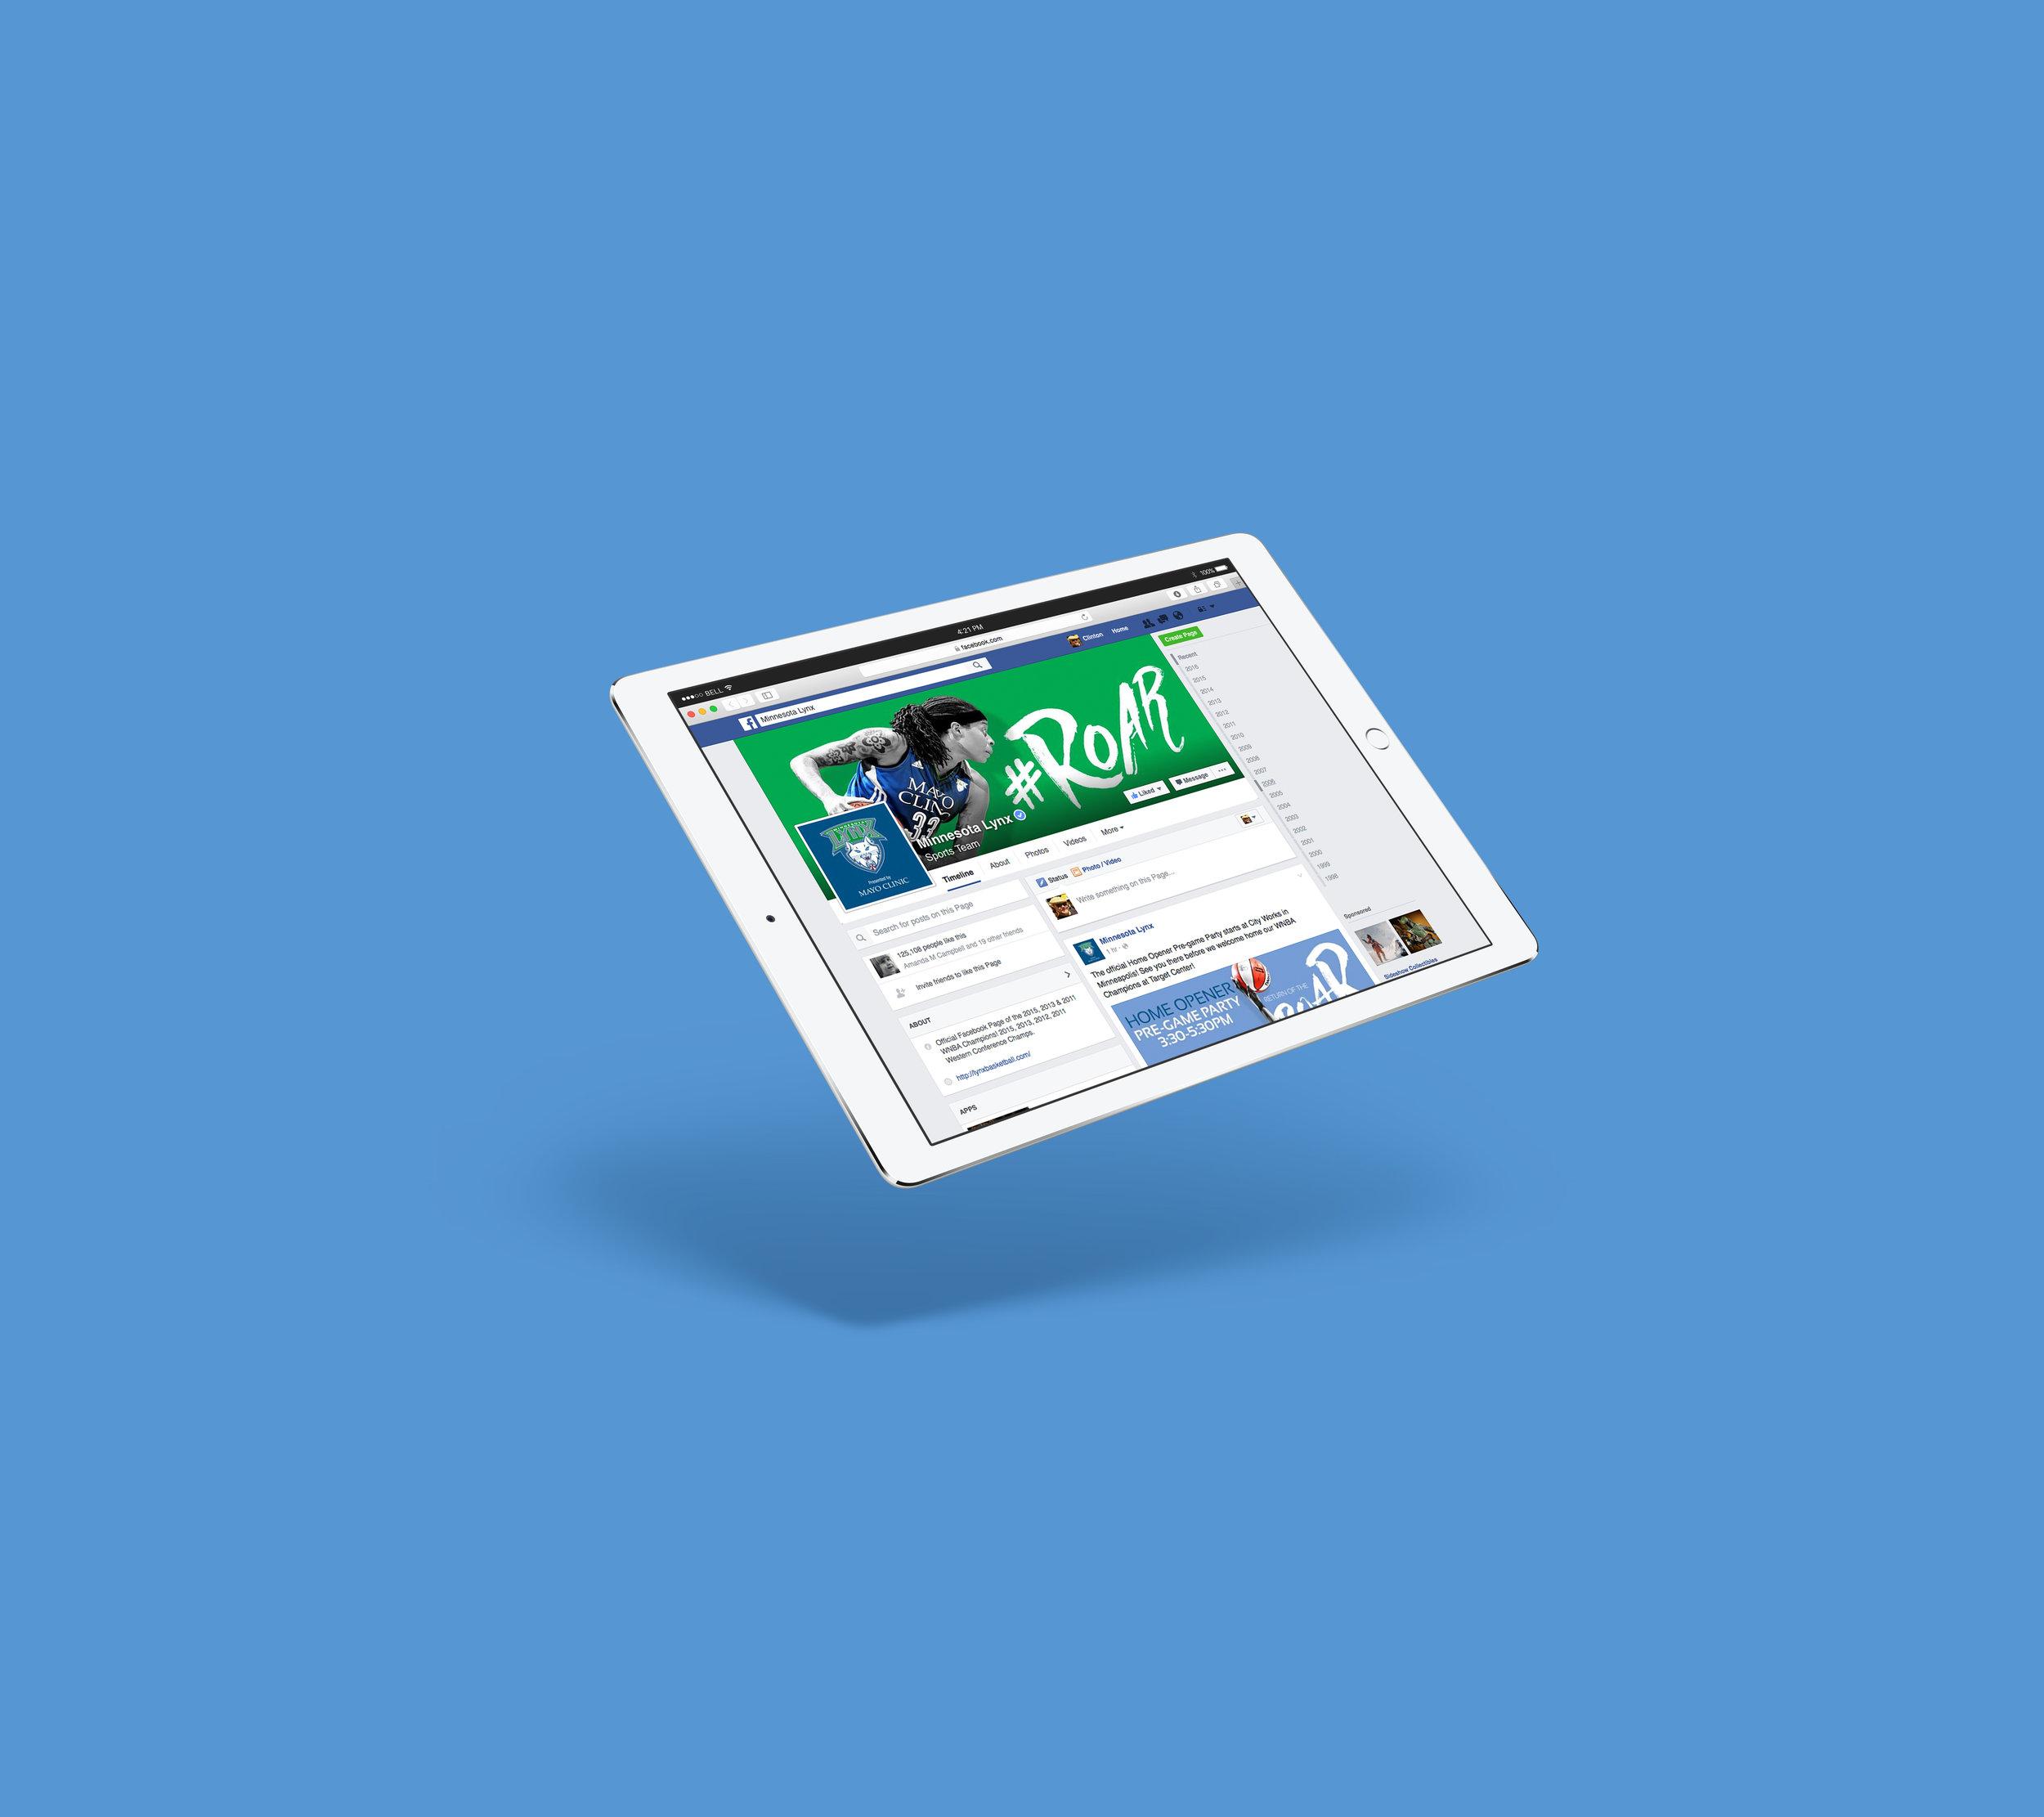 _Lynx_FB.jpg